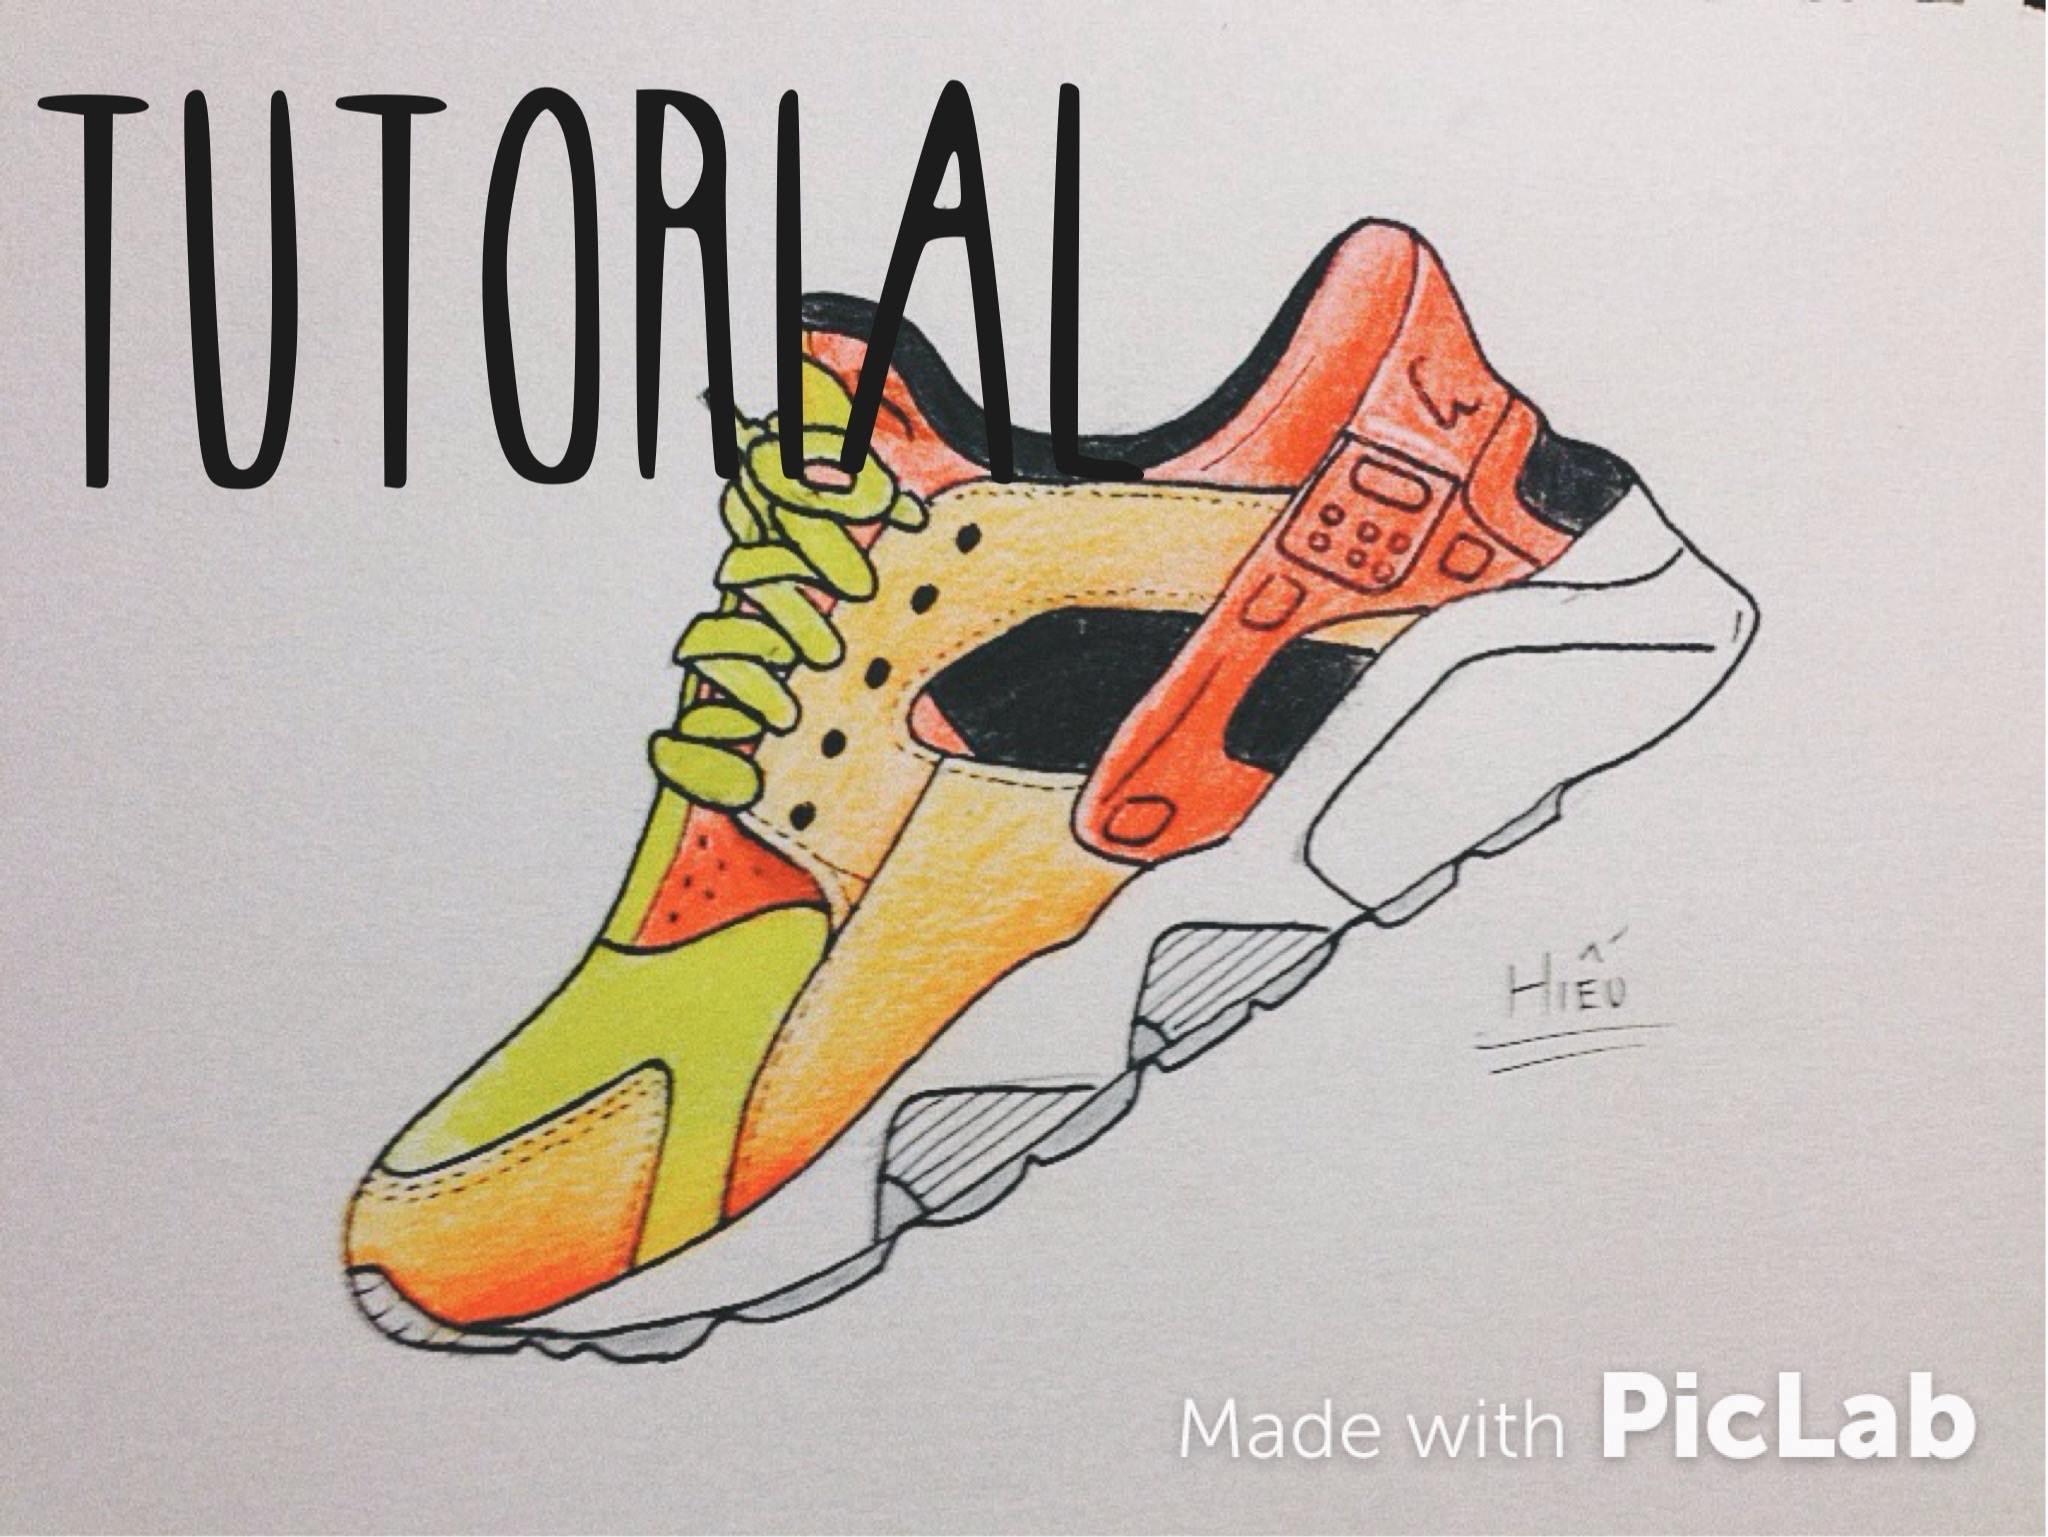 2048x1537 Draw Nike Air Huarache My First Youtube Video! Nike Air